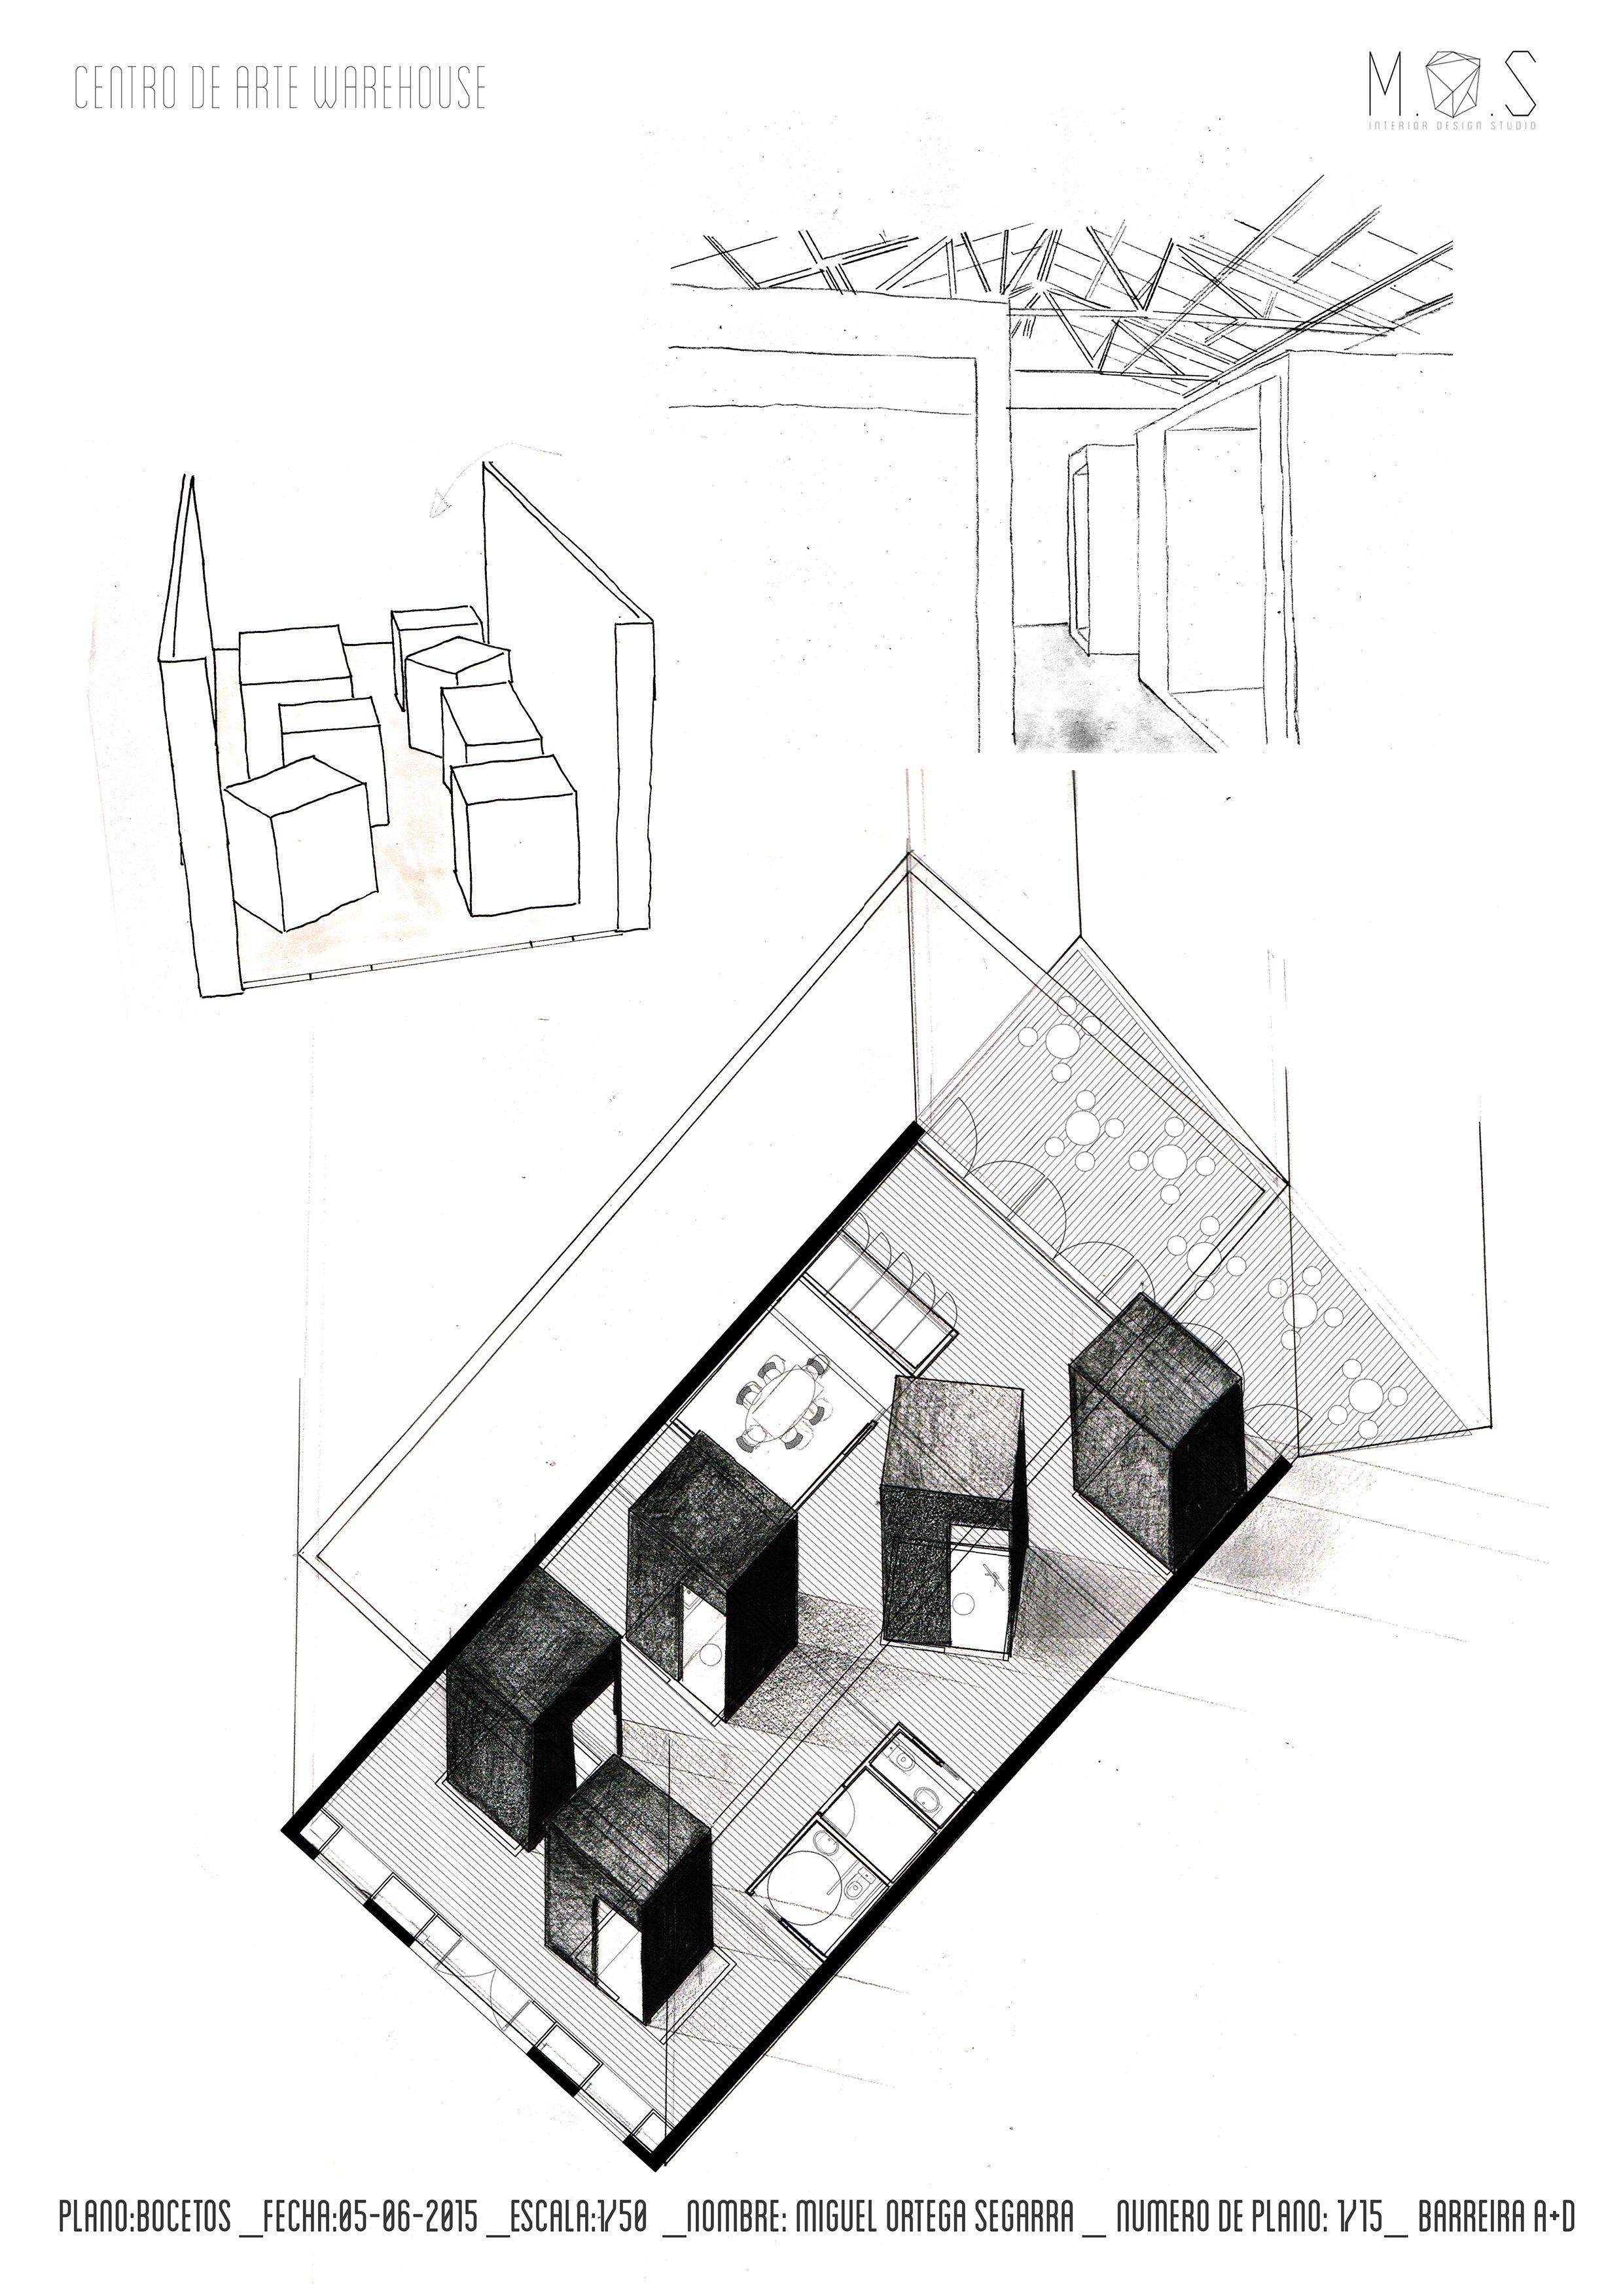 Alumno miguel ortega segarra asignatura proyecto ii for Ciclo superior diseno de interiores